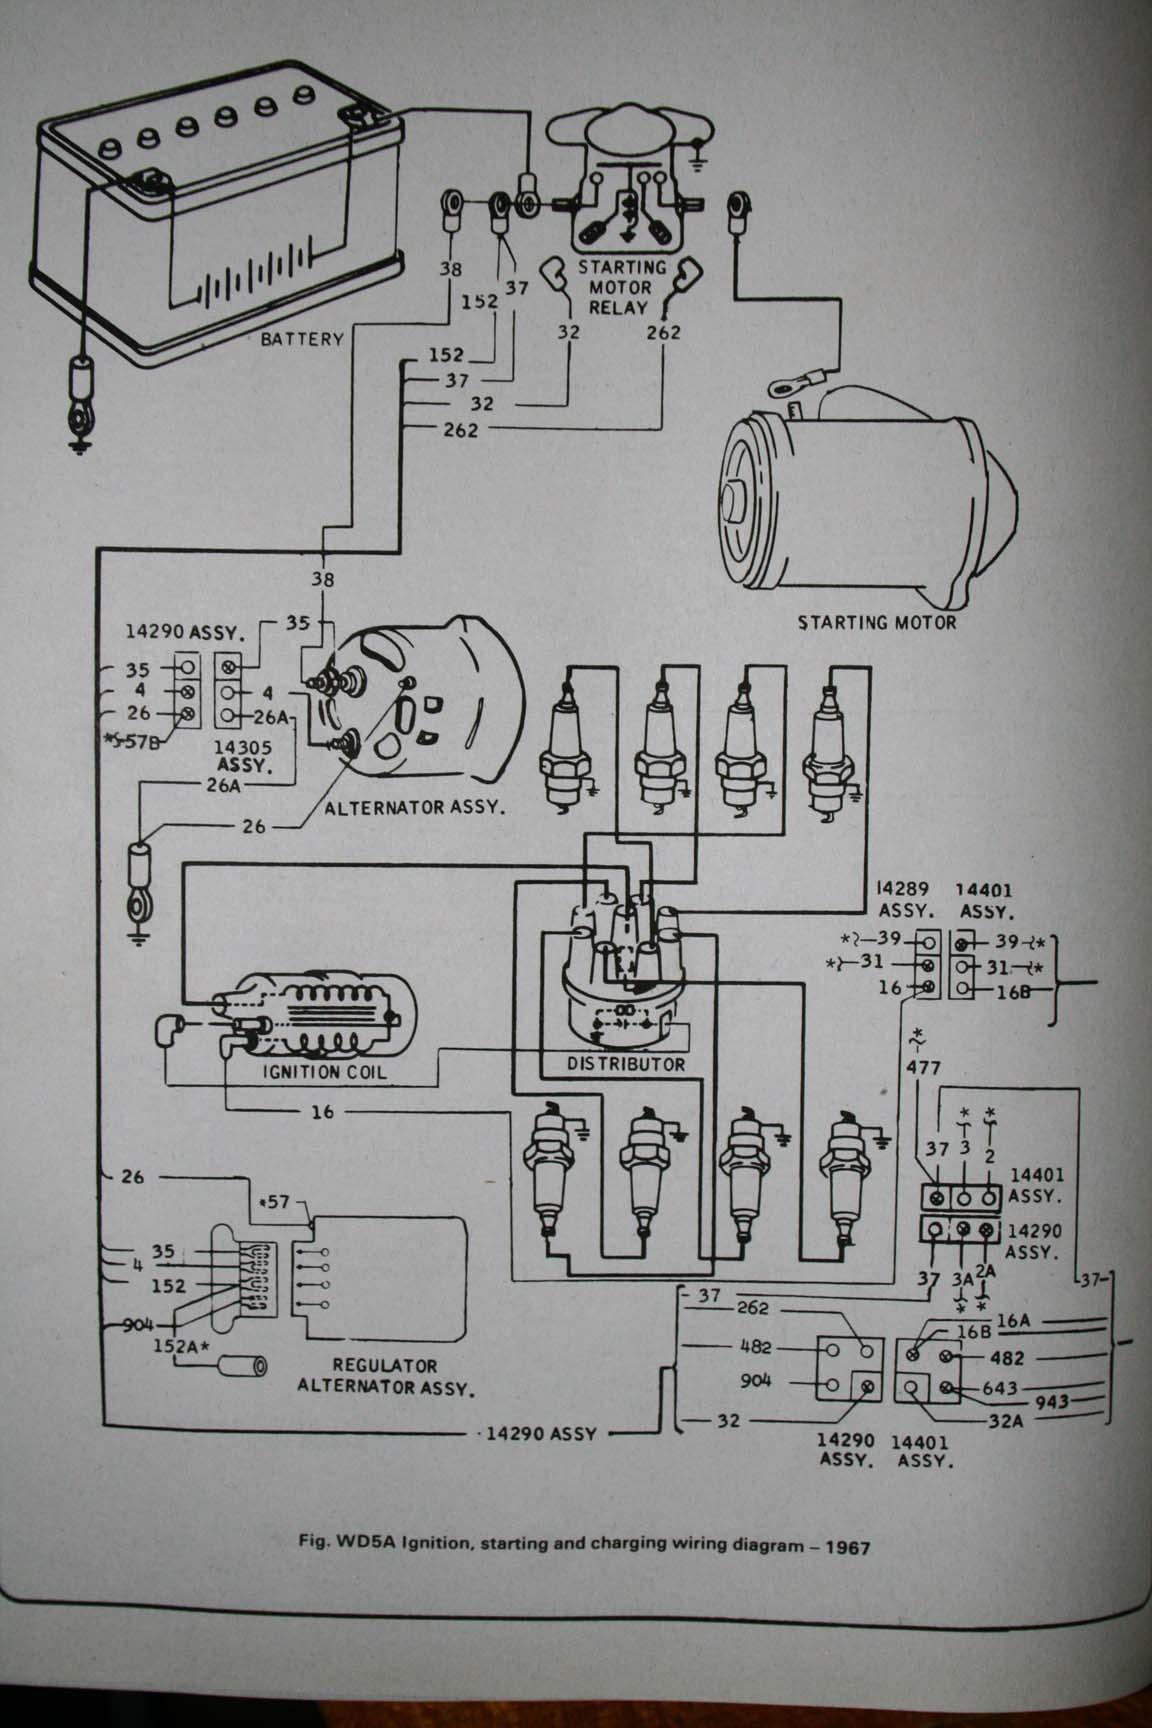 KK_8163] Fuse Box Diagram Moreover 1967 Ford Fairlane On Wiring Diagram For Wiring  DiagramPila Faun Mimig Verr Monoc Ally Semec Cette Mohammedshrine Librar Wiring 101